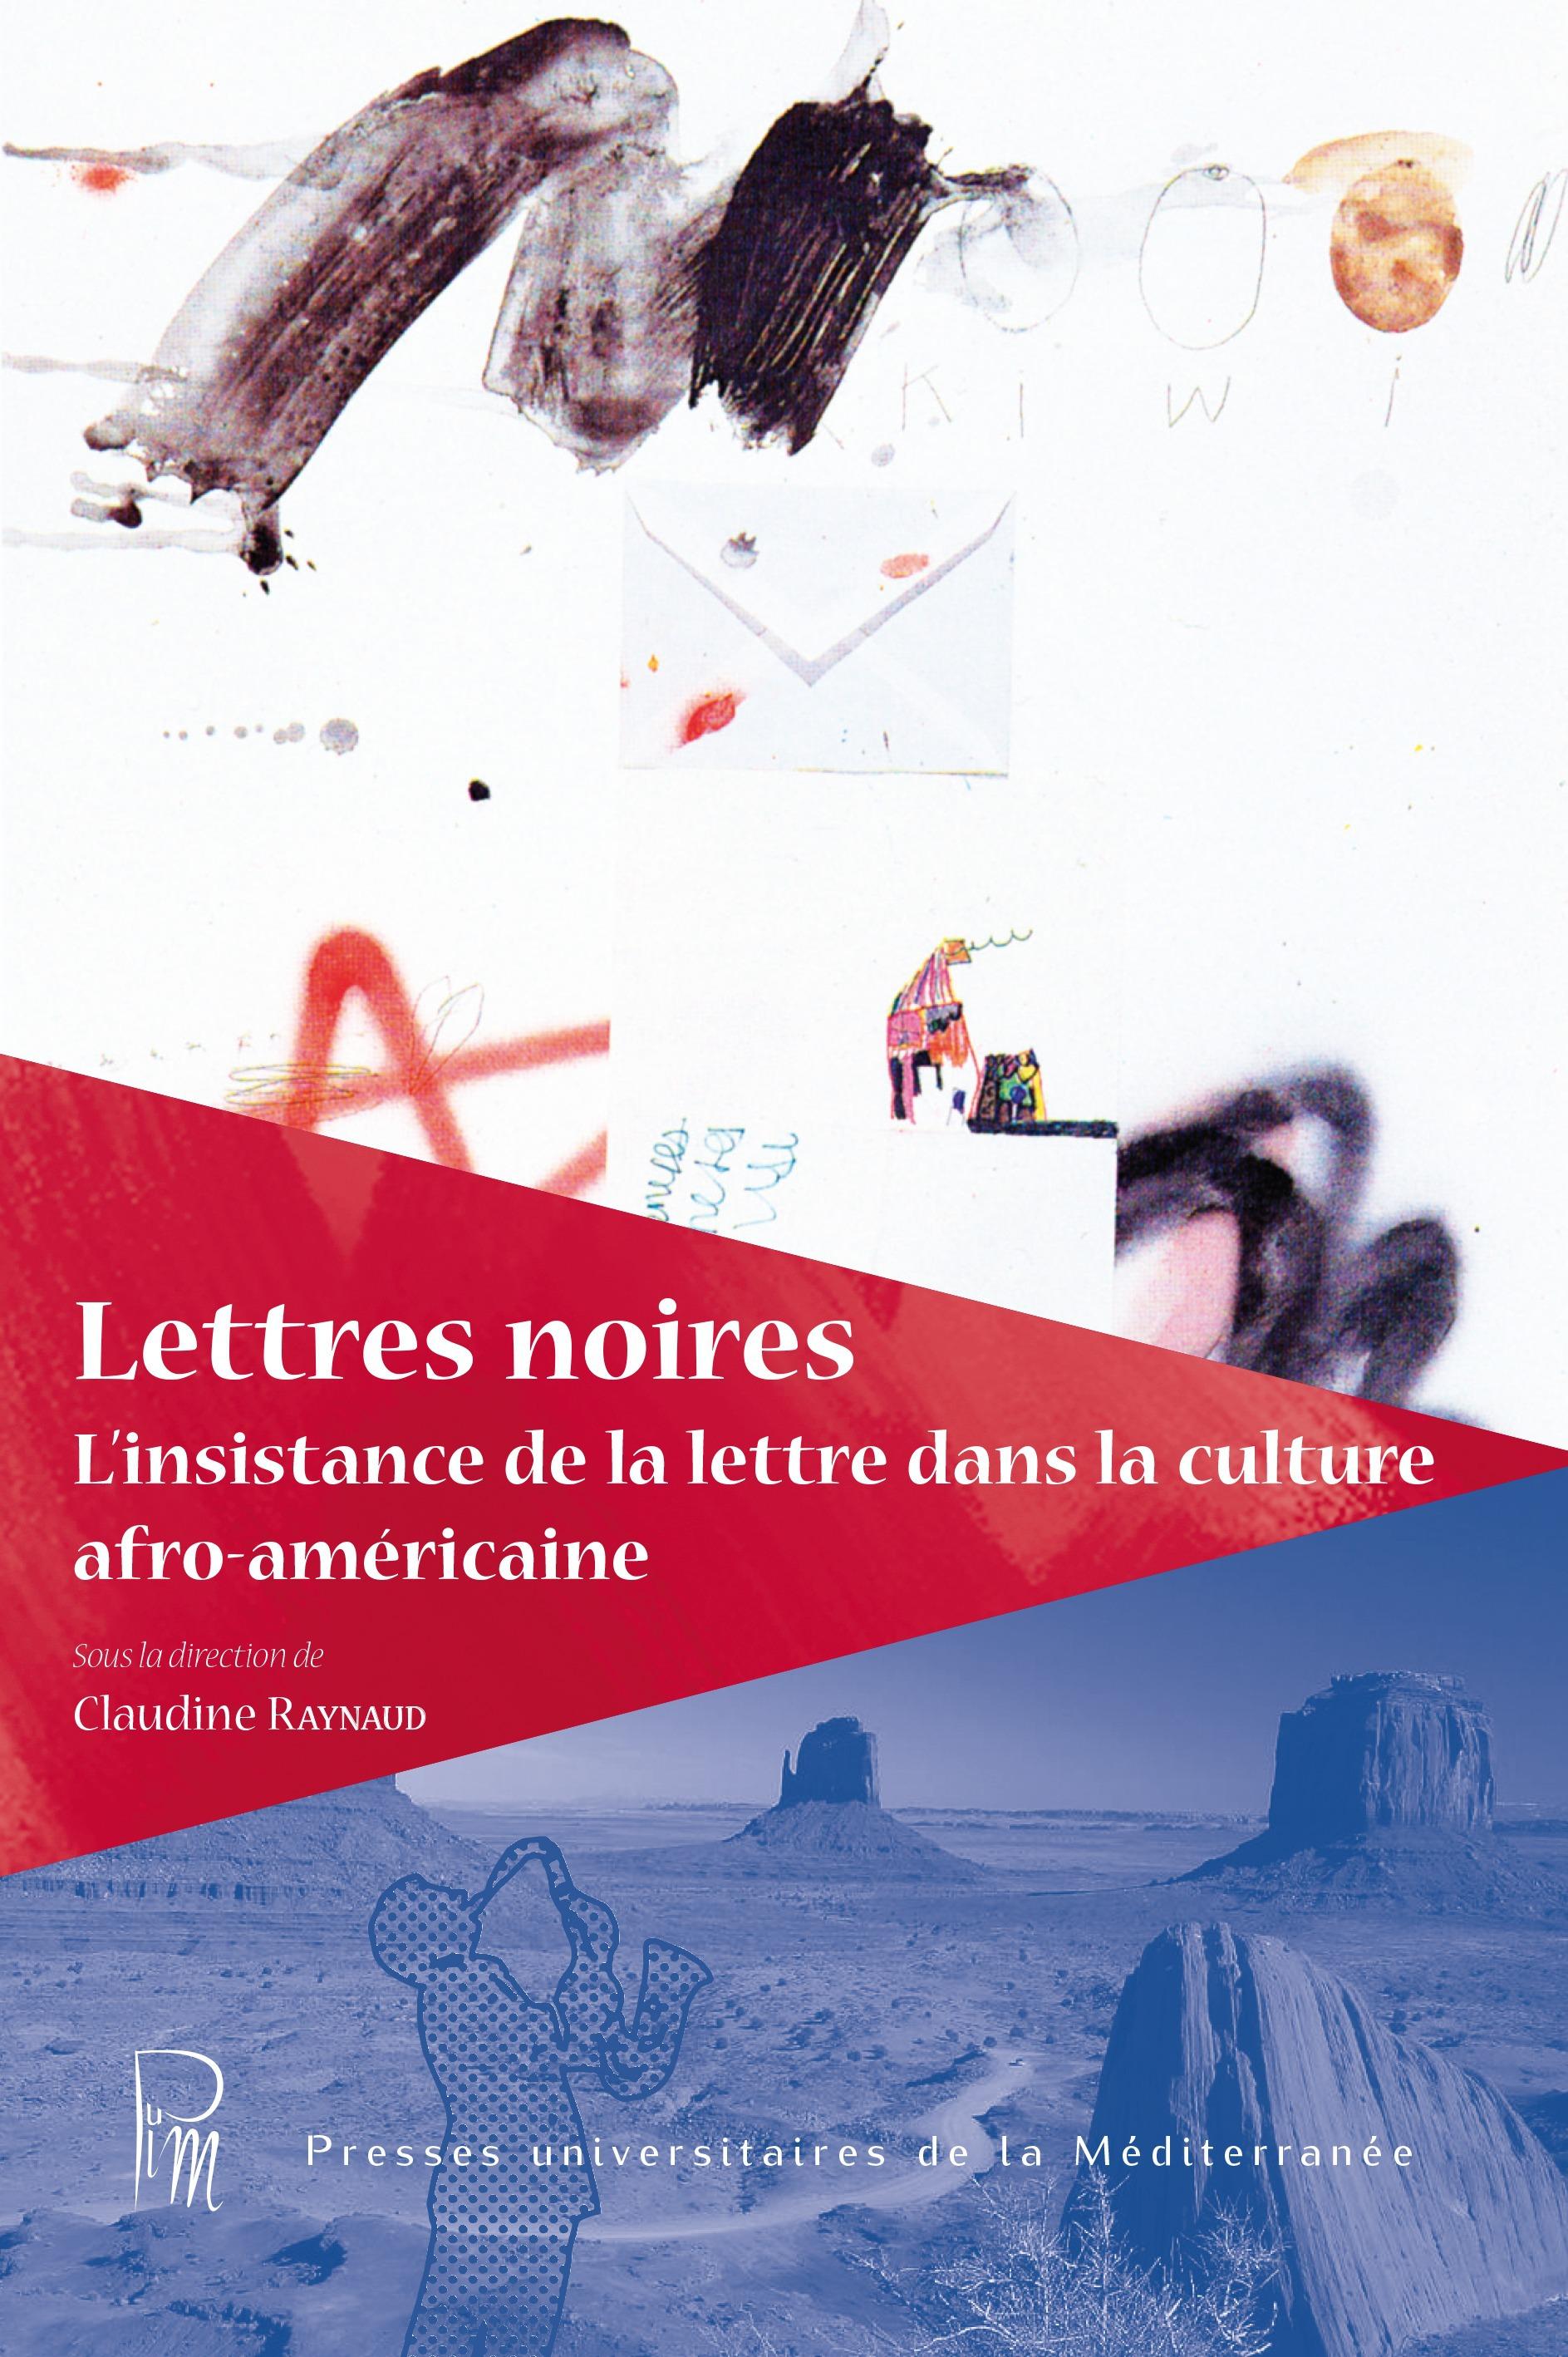 Lettres noires : l'insistance de la lettre dans la culture afro-americaine